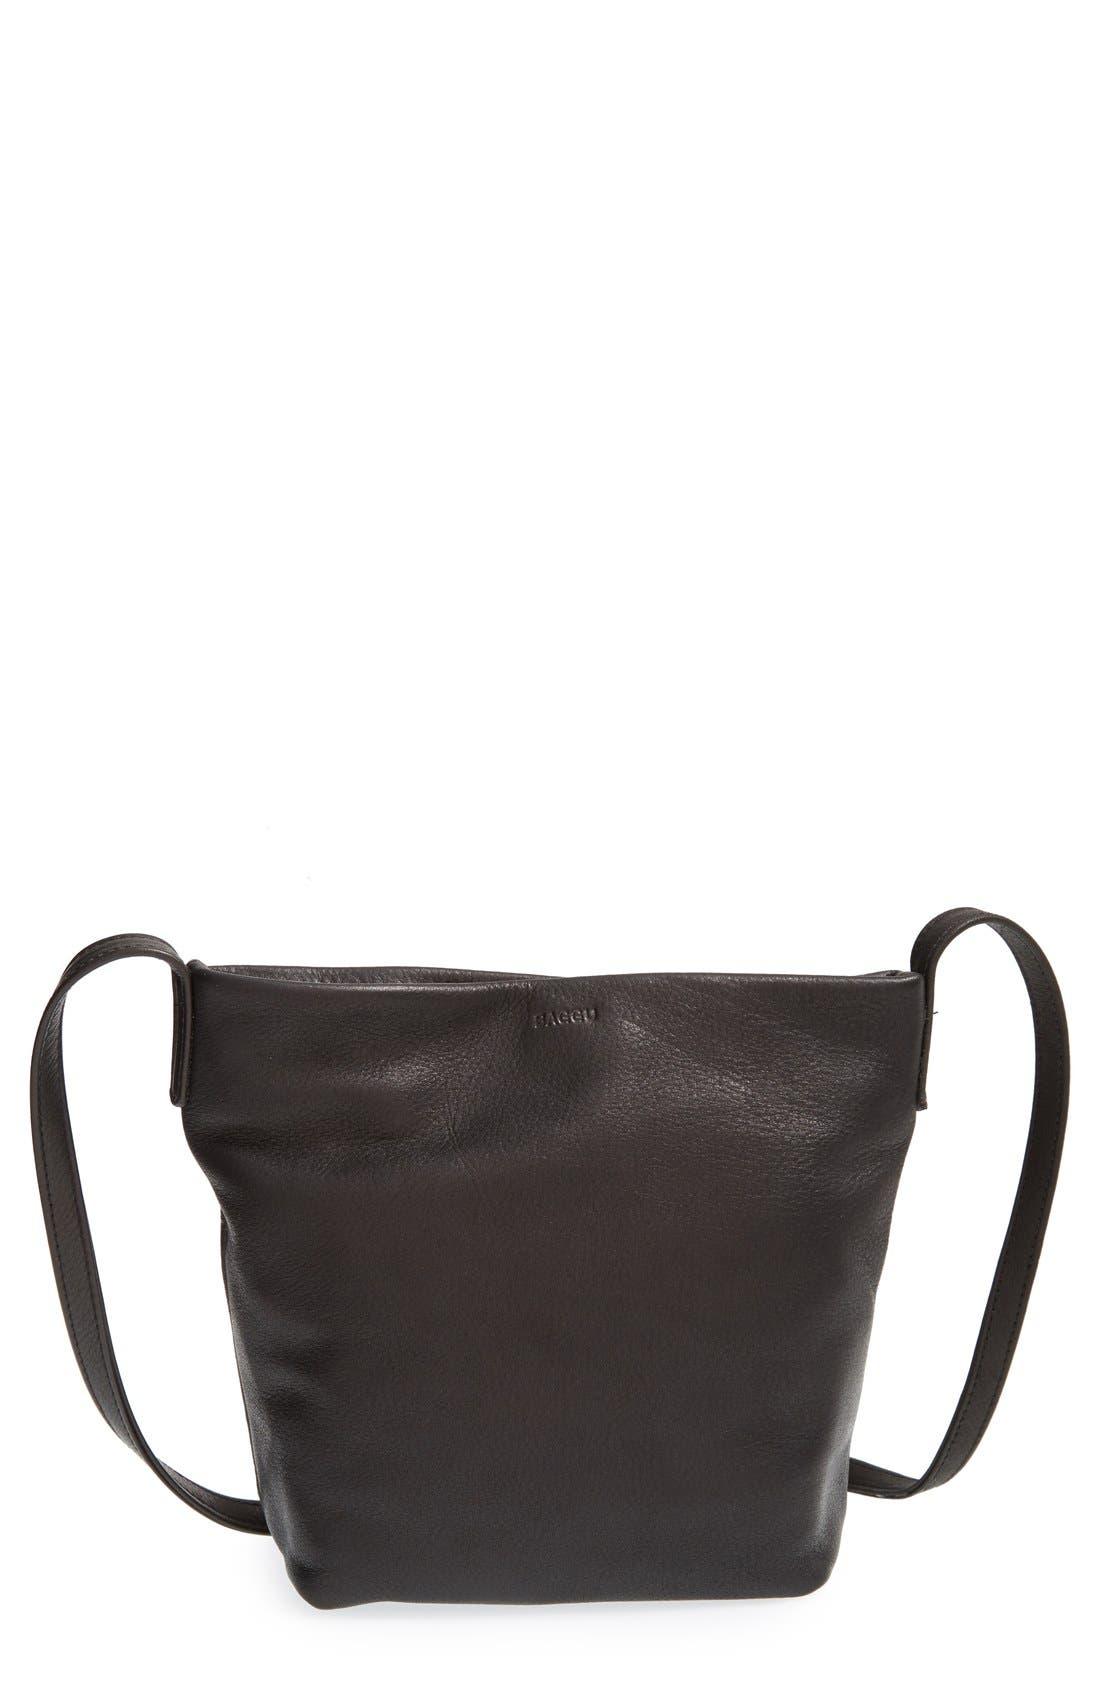 BAGGU  Leather Crossbody Bag, Main, color, 004